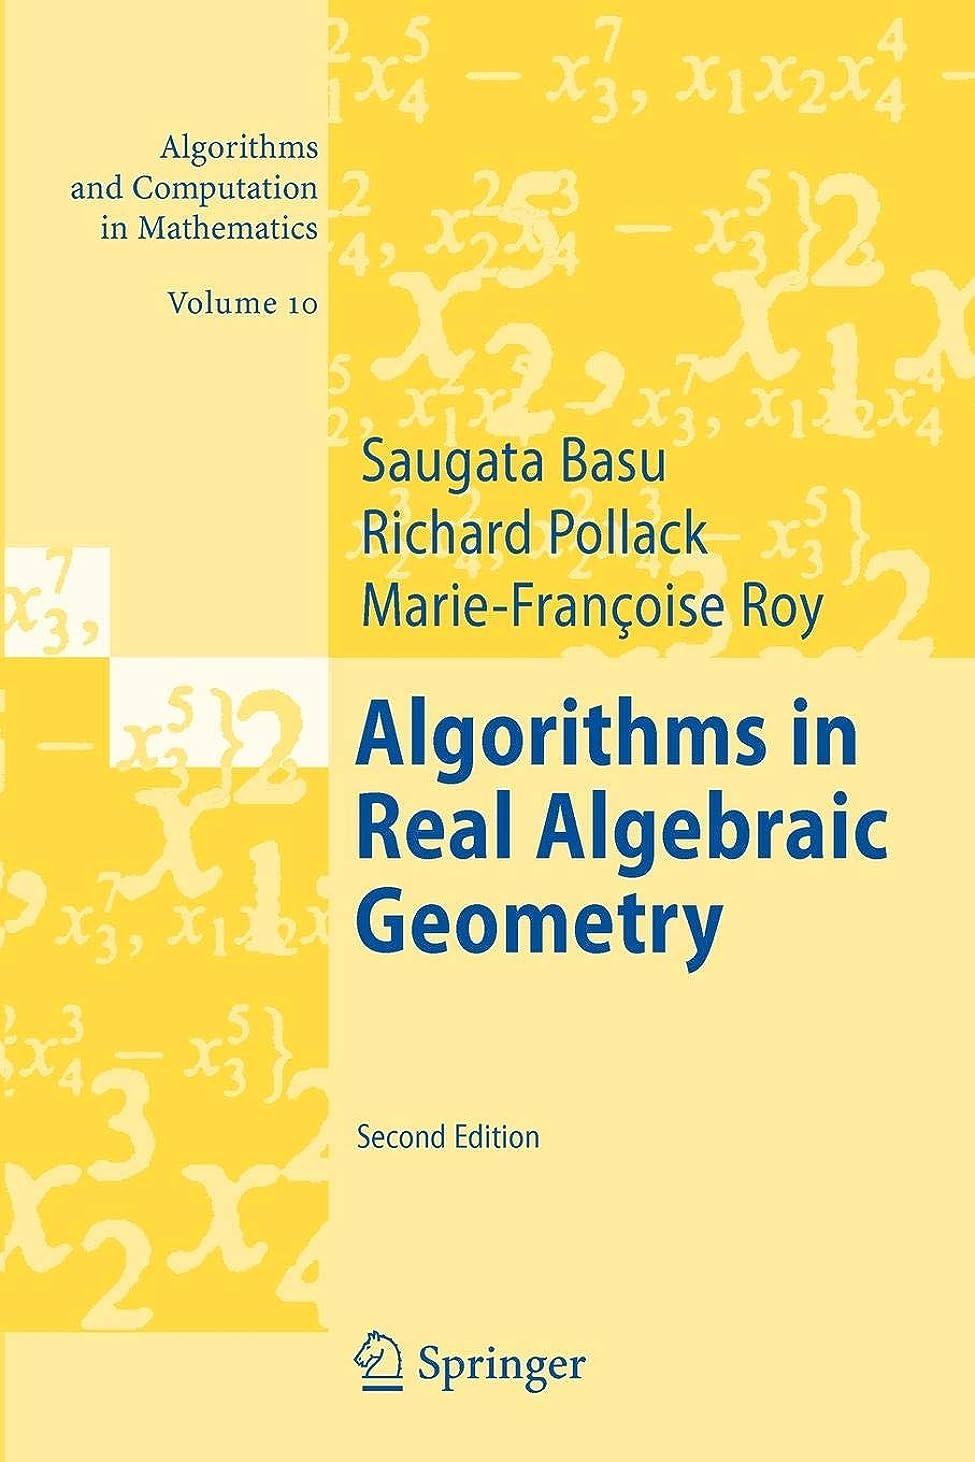 パーツ朝お尻Algorithms in Real Algebraic Geometry: Algorithms and Computation in Mathematics Vol. 10